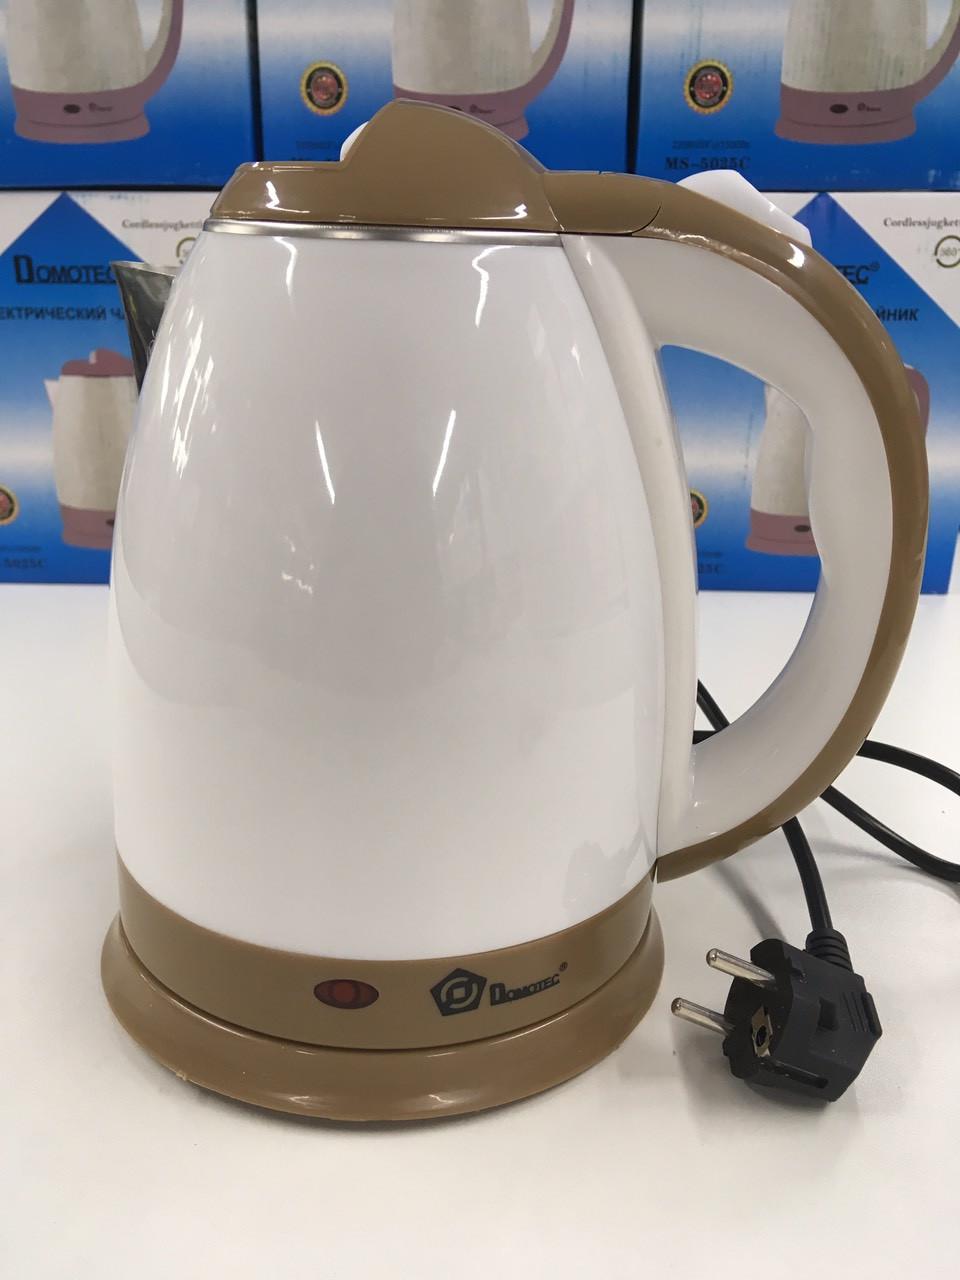 Чайник нержавейка DOMATEC c пластиковой покрытие  MS-5025C Коричневый (12шт/ящ)